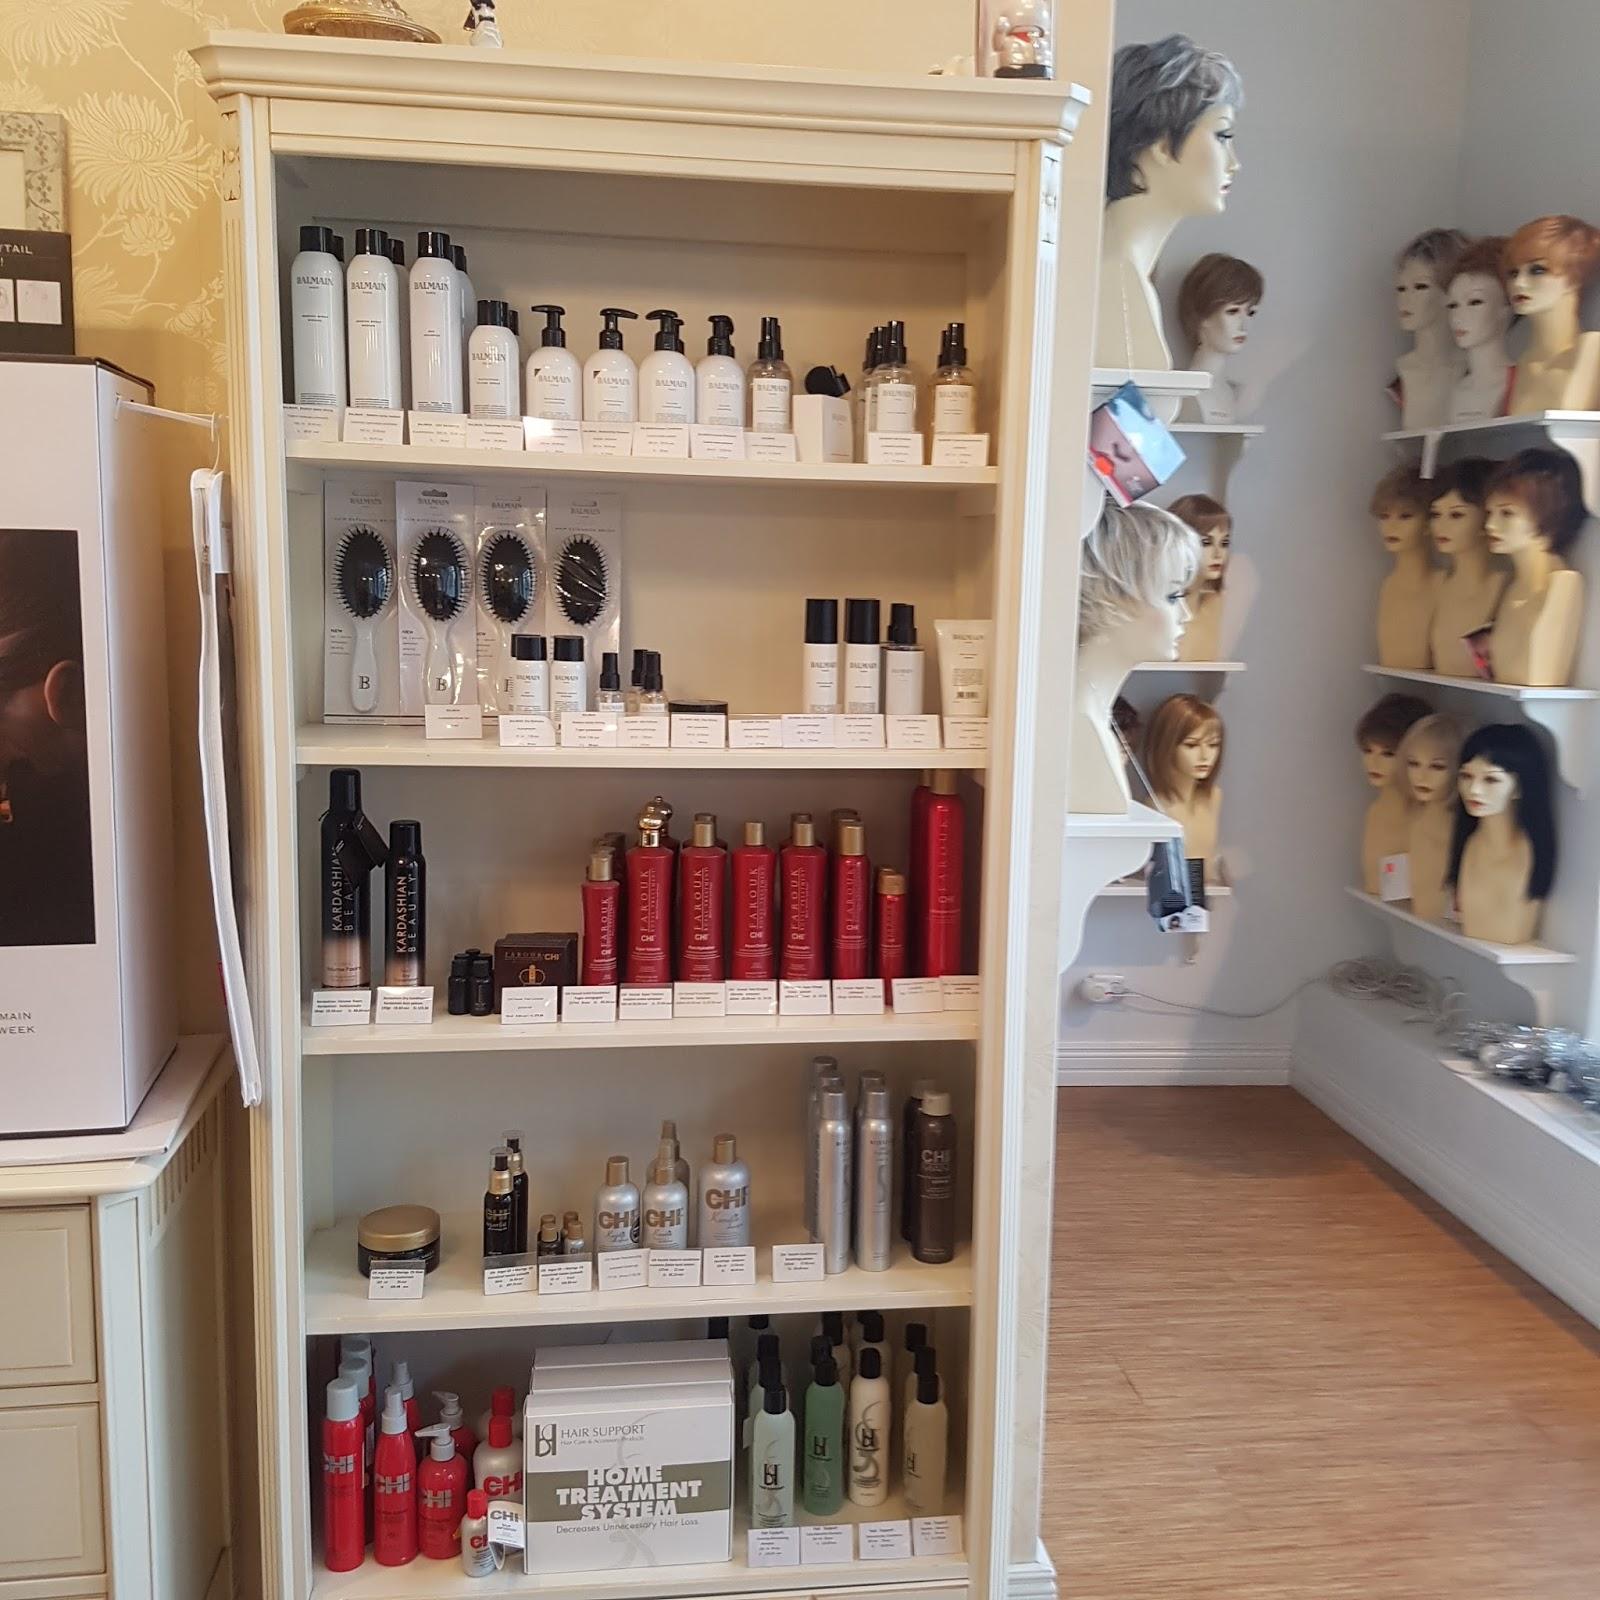 Vauhtipuisto oulu hinnat miesten kosmetiikka lahjapakkaus